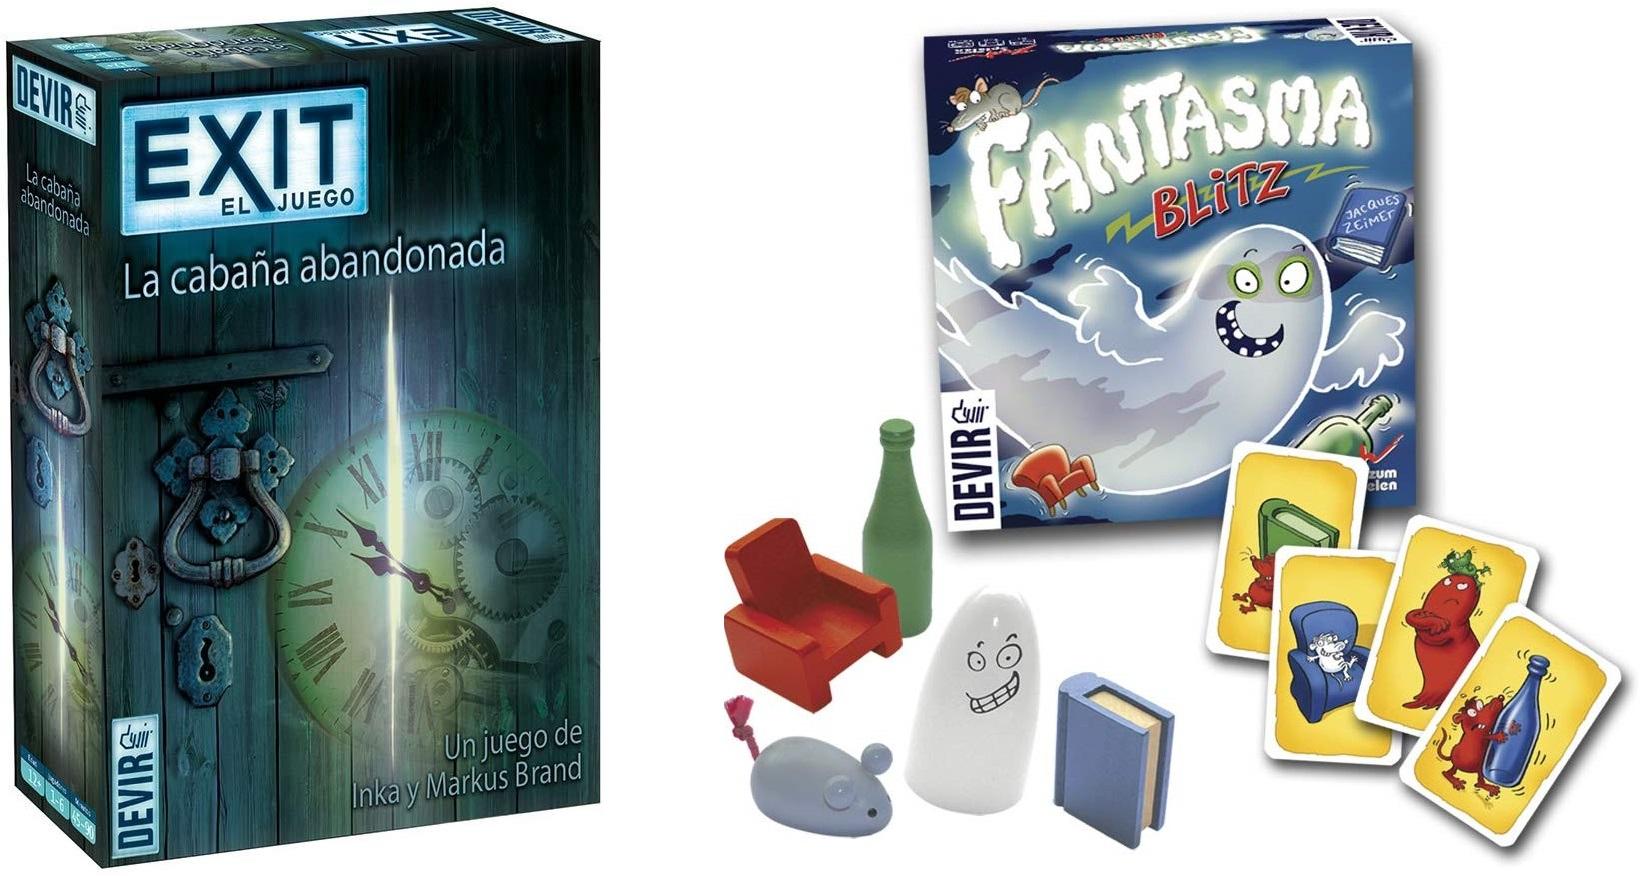 Juegos de mesa Devir - Fantasma Blitz + Exit: La cabaña abandonada